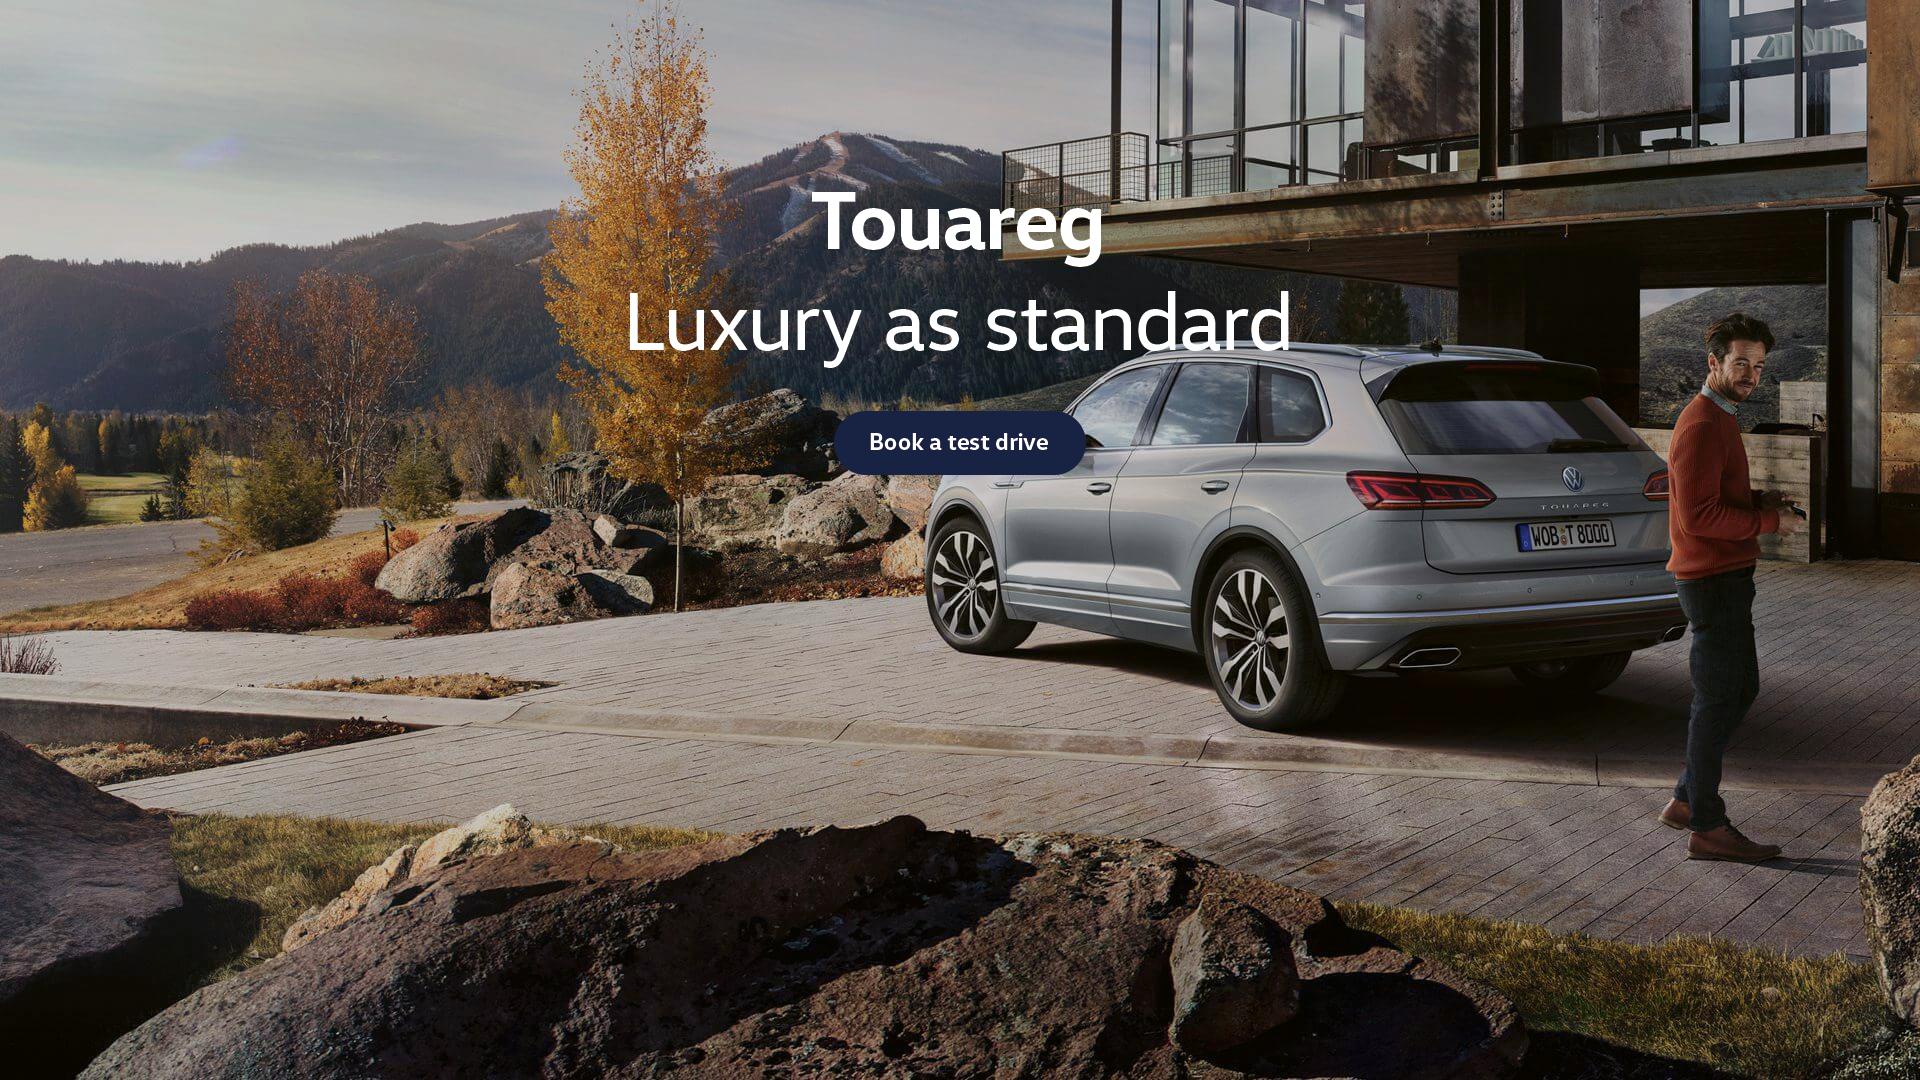 Nothing drives like the Touareg